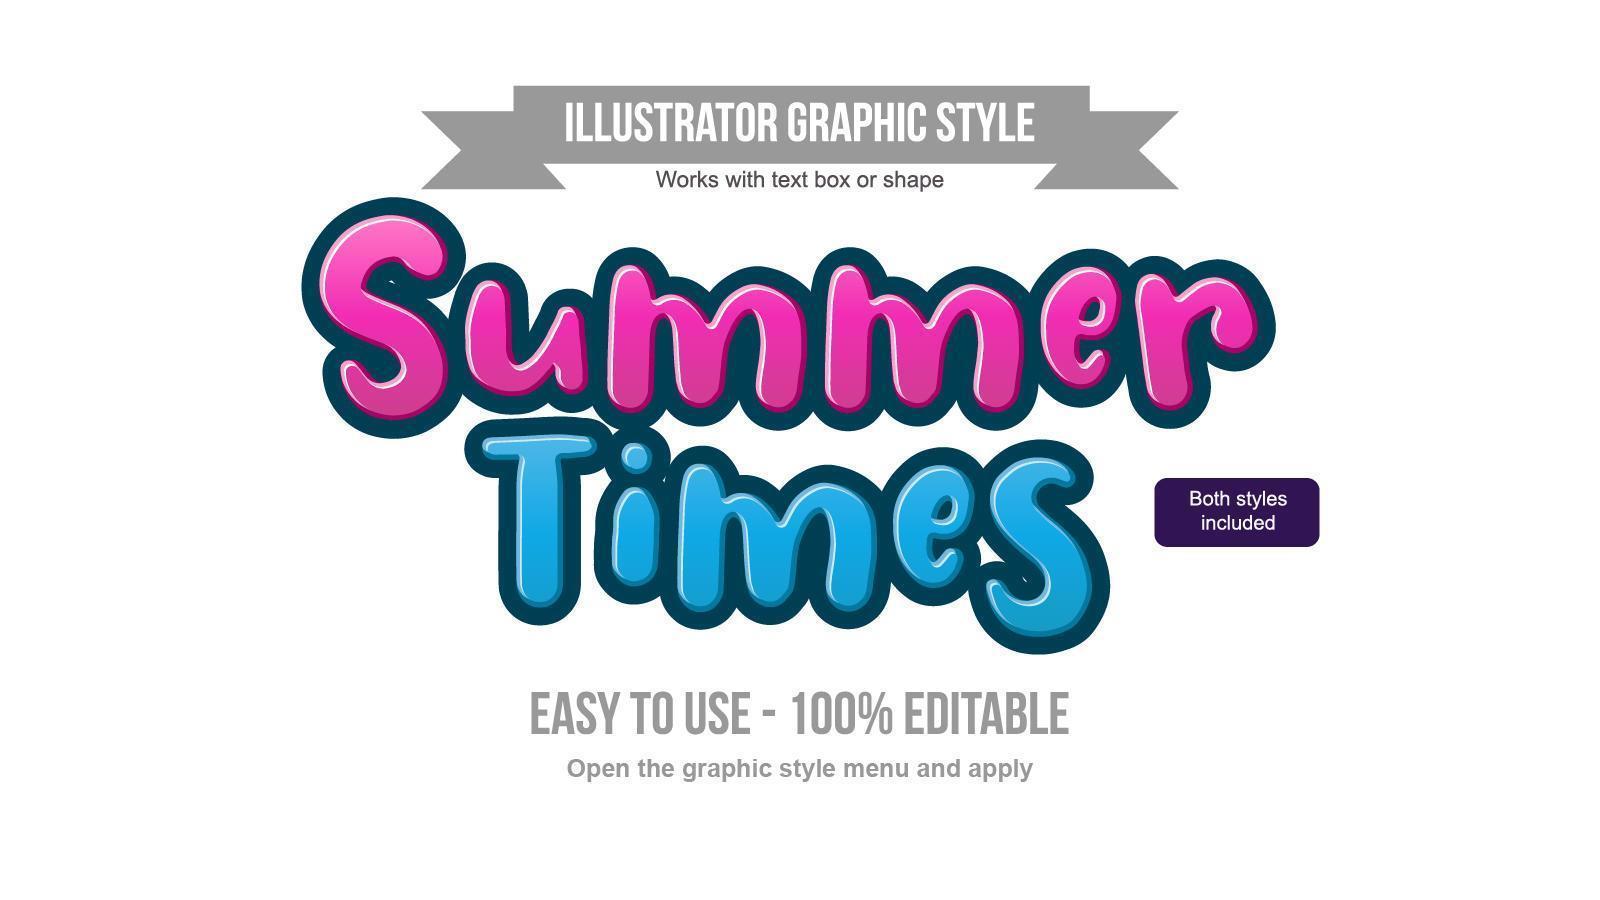 efectos de texto de dibujos animados en negrita azul y rosa vector